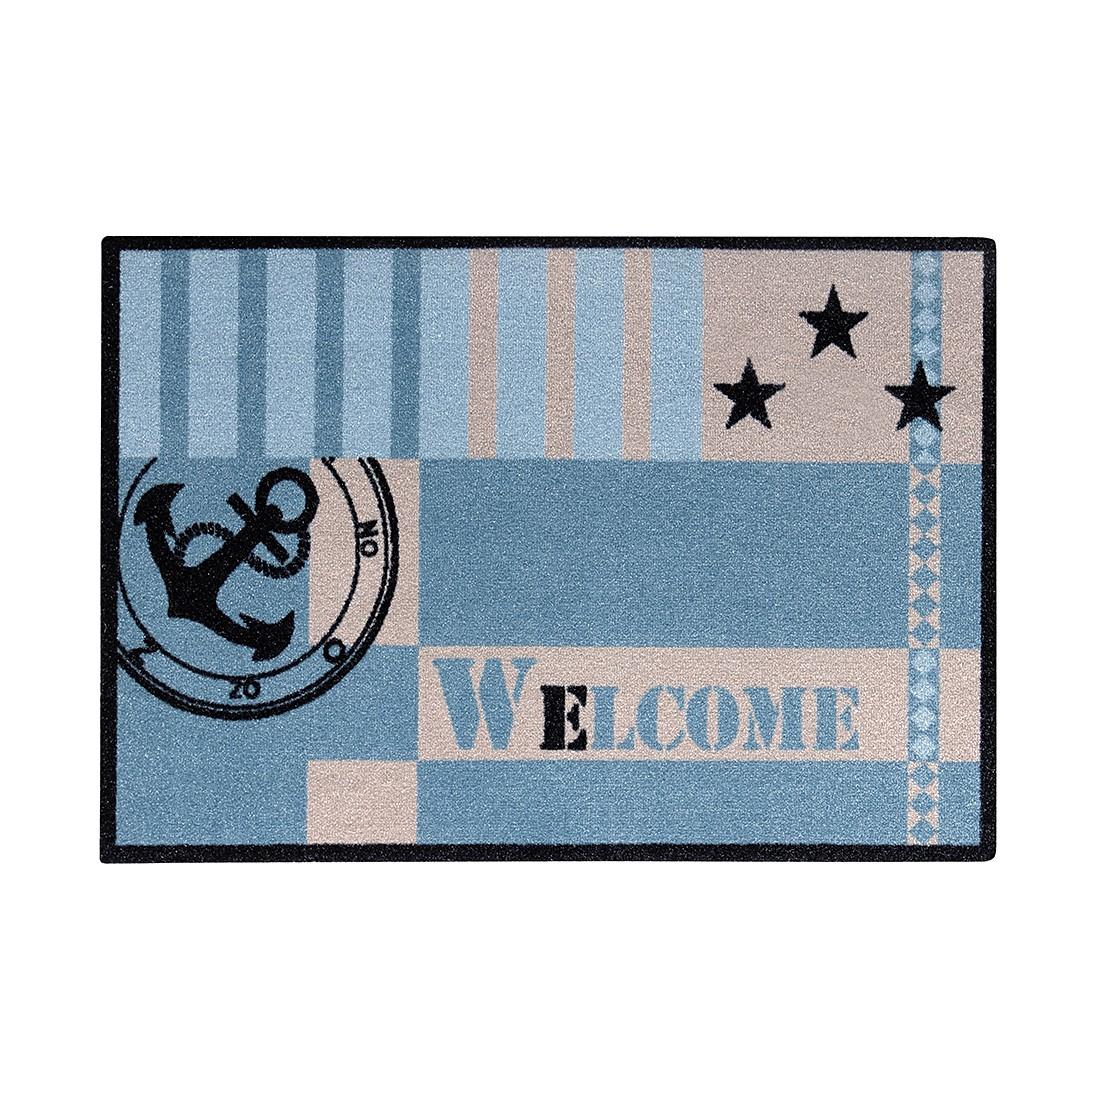 Fußmatte Metropolitan Welcome Marine – Blau – 39 cm x 58 cm, andiamo online kaufen